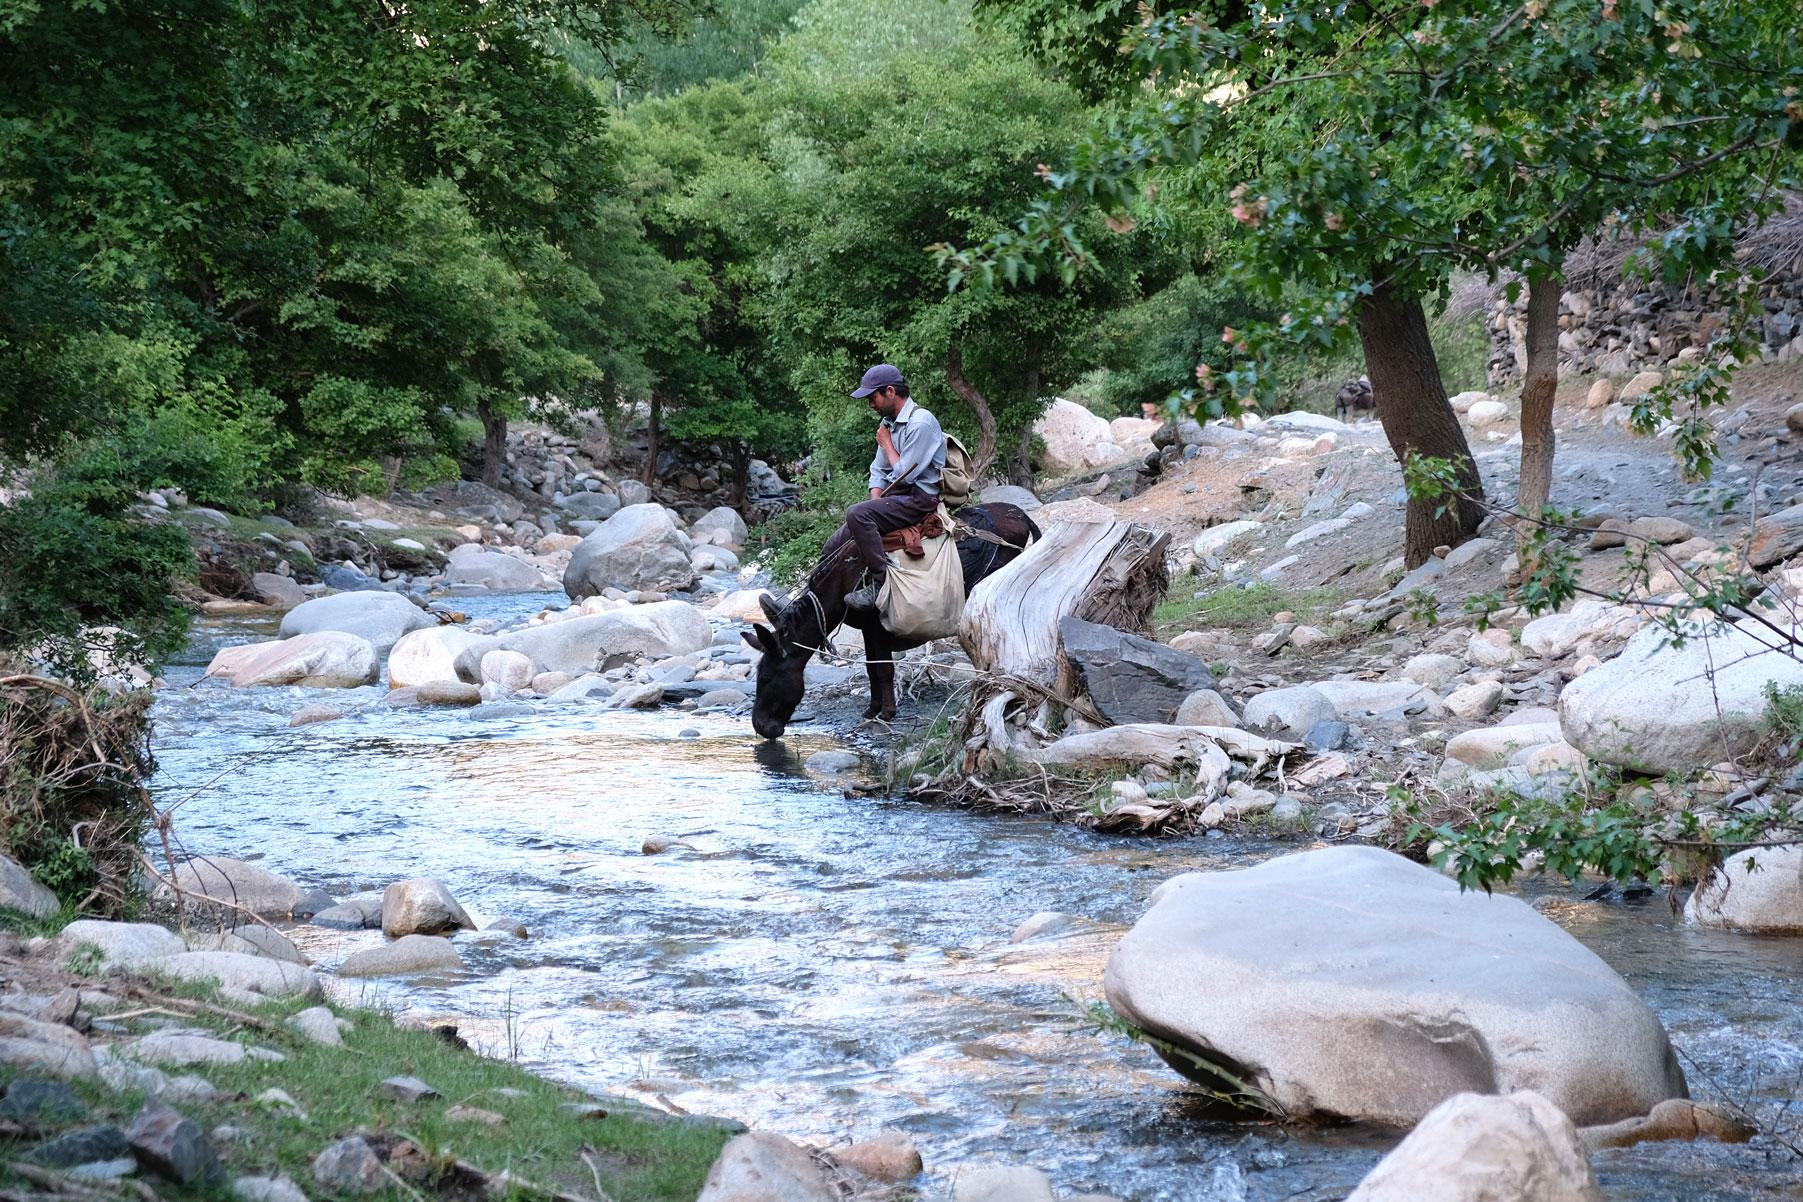 Ein Reiter sitzt auf einem Pferd, das aus einem Fluss trinkt